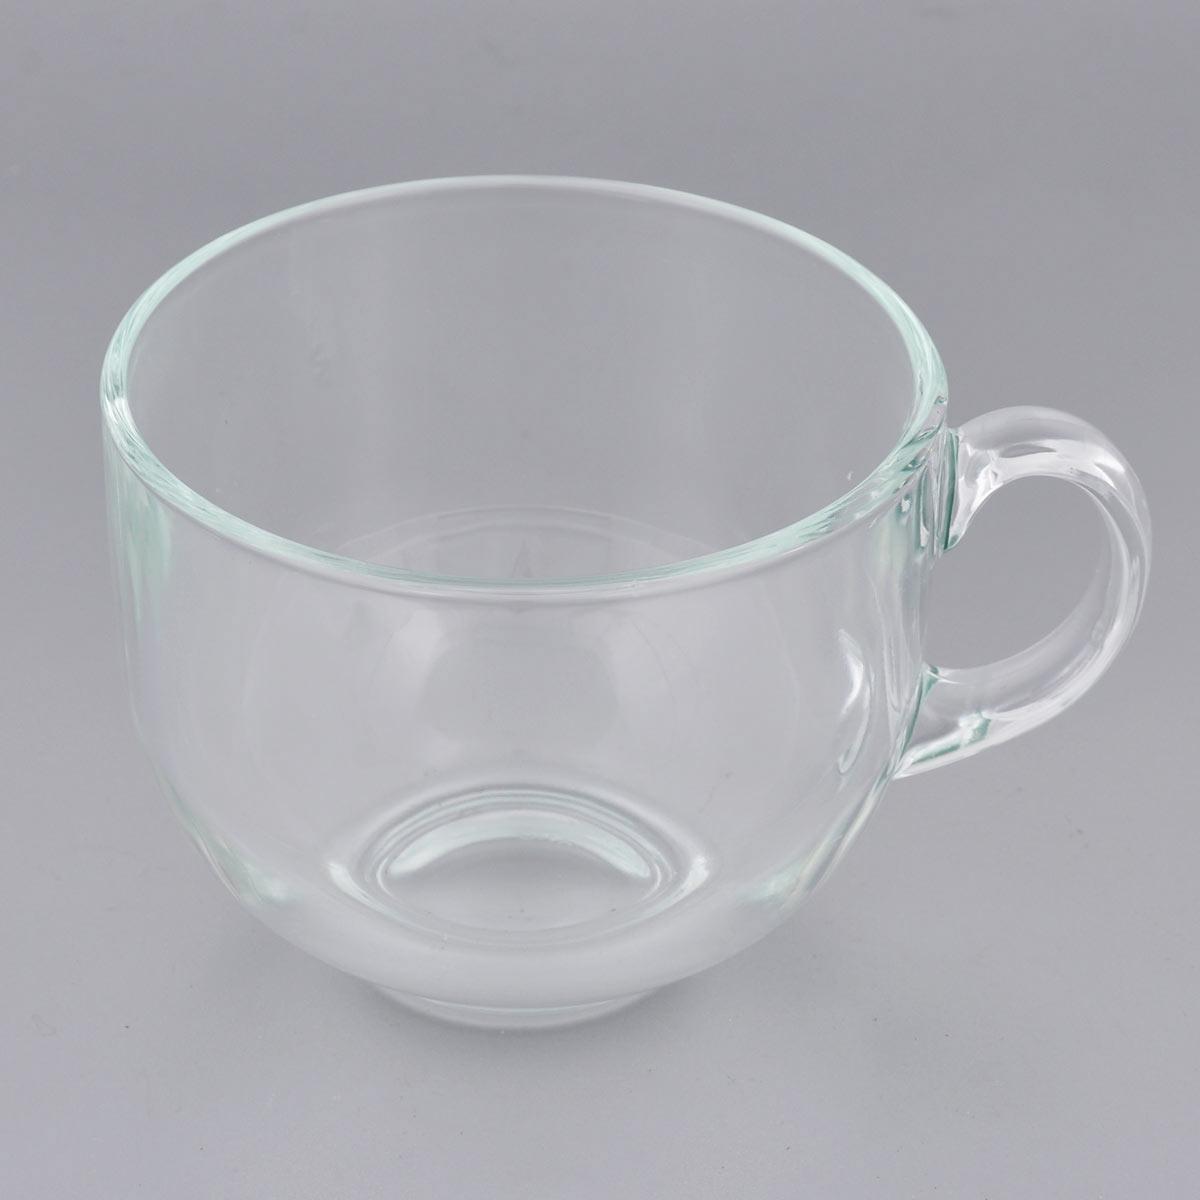 Кружка Luminarc Джамбо, цвет: прозрачный, 500 мл24463Кружка Luminarc Джамбо изготовлена из упрочнённого стекла. Такая кружка прекрасно подойдет для горячих и холодных напитков. Она дополнит коллекцию вашей кухонной посуды и будет служить долгие годы. Можно использовать в посудомоечной машине и СВЧ. Объем кружки: 500 мл. Диаметр кружки (по верхнему краю): 10,5 см. Высота стенки кружки: 8,5 см.